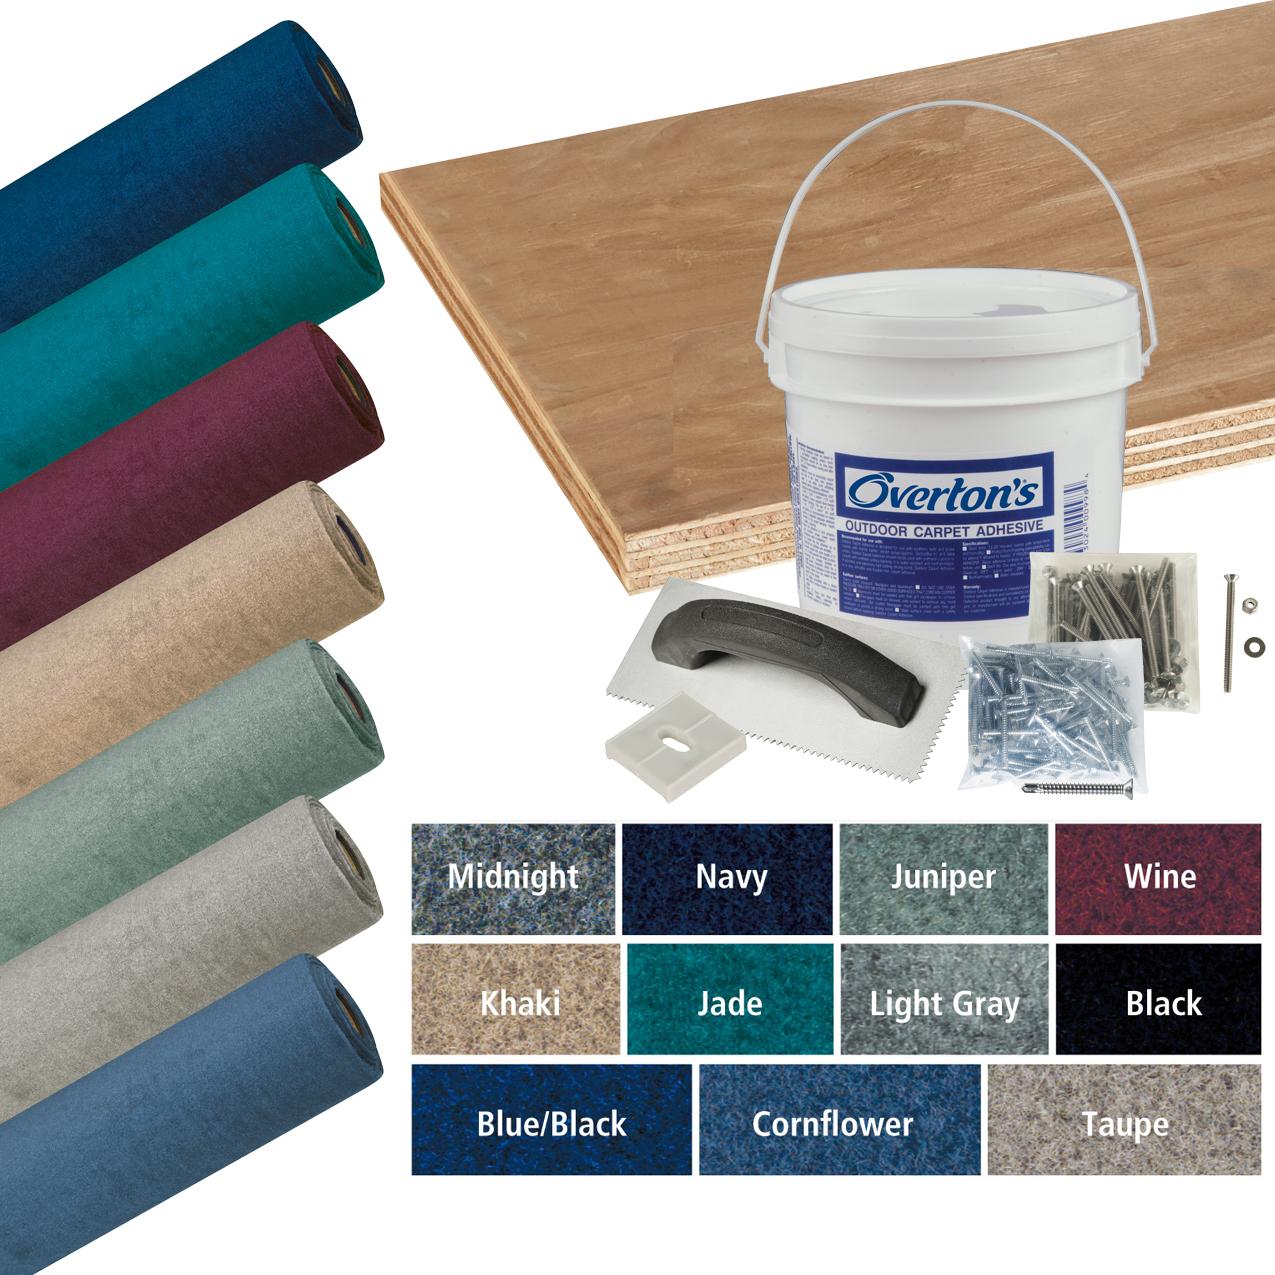 Overton's Malibu Carpet and Deck Kit, 8.5'W x 20'L